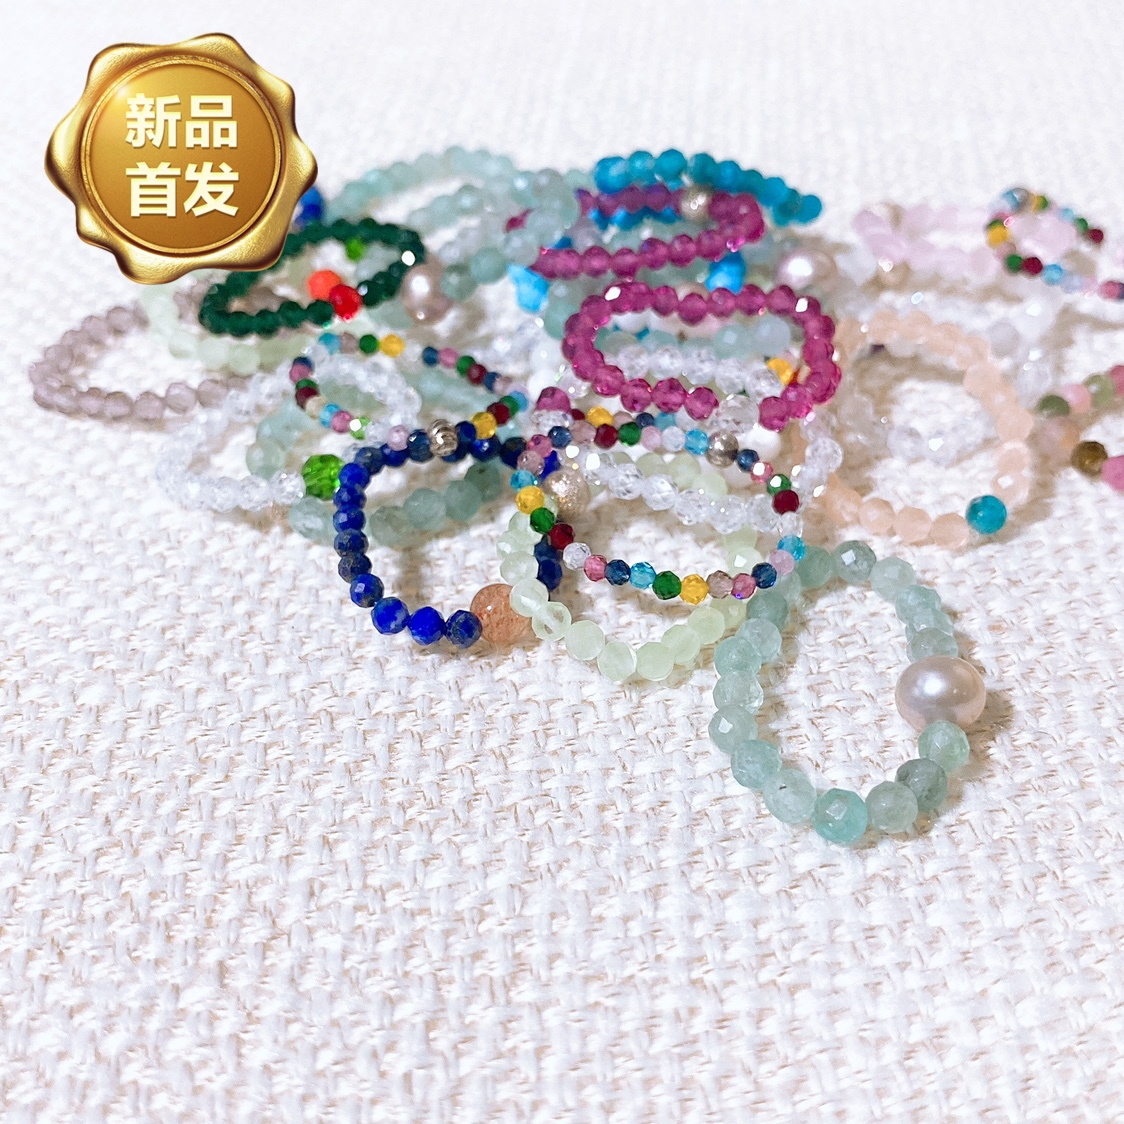 原创新款民族风感天然珍珠纯银多宝能量水晶戒指男女通用时尚简约